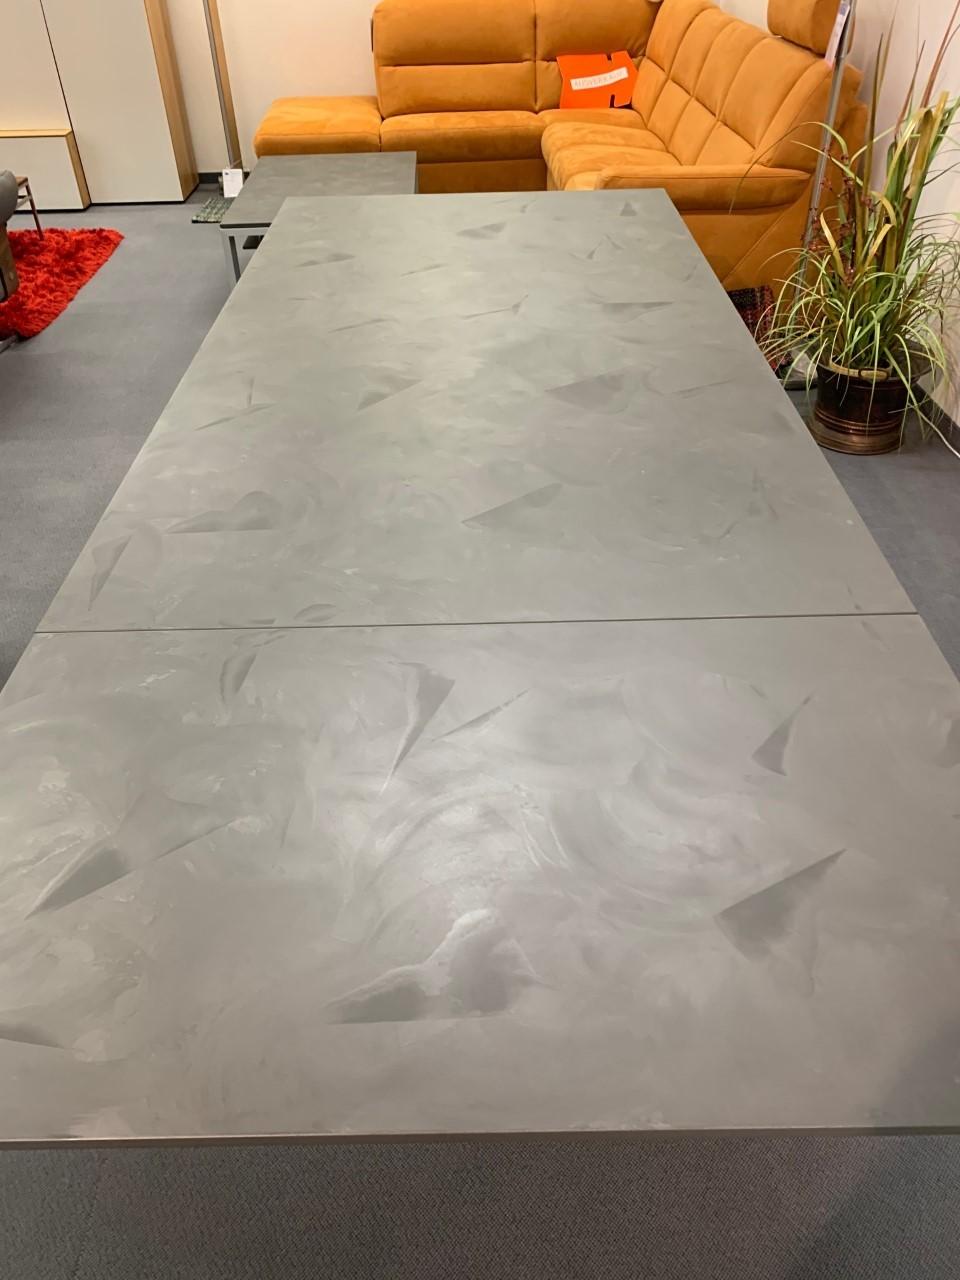 Tisch Modell Diegaro von Willisau 180 x 95 cm mit Verlängerung, Blatt in Stucco 08